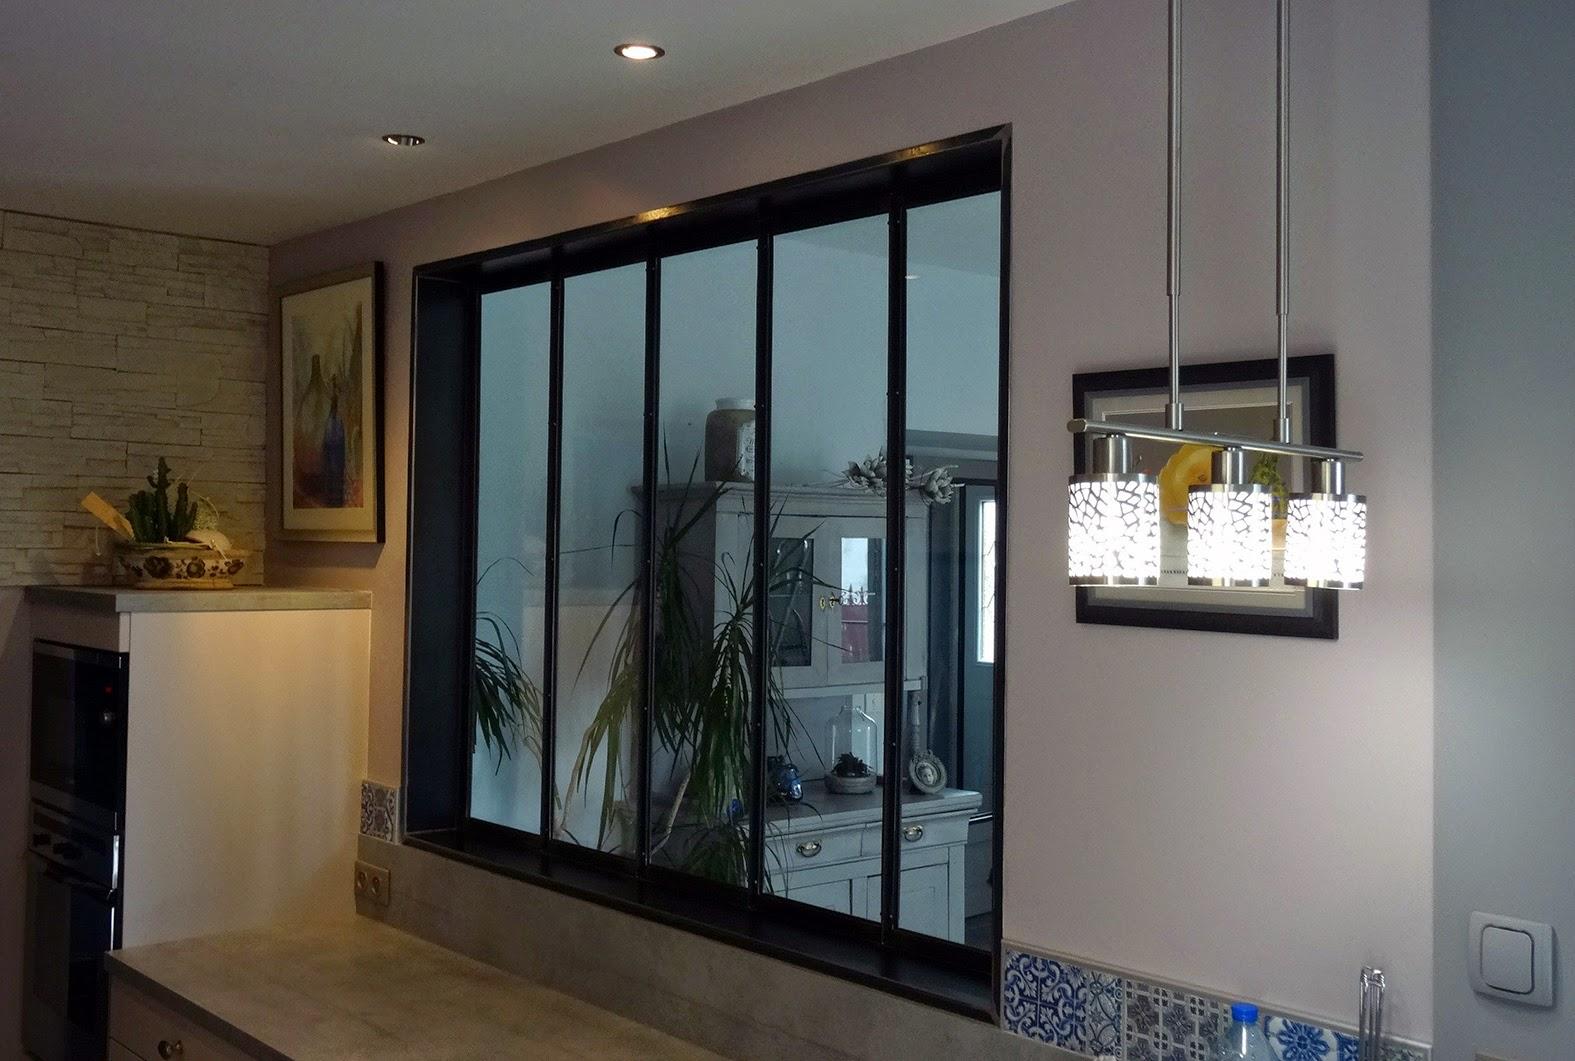 fenetre style atelier la porte duintrieur style verrire atelier with fenetre style atelier. Black Bedroom Furniture Sets. Home Design Ideas